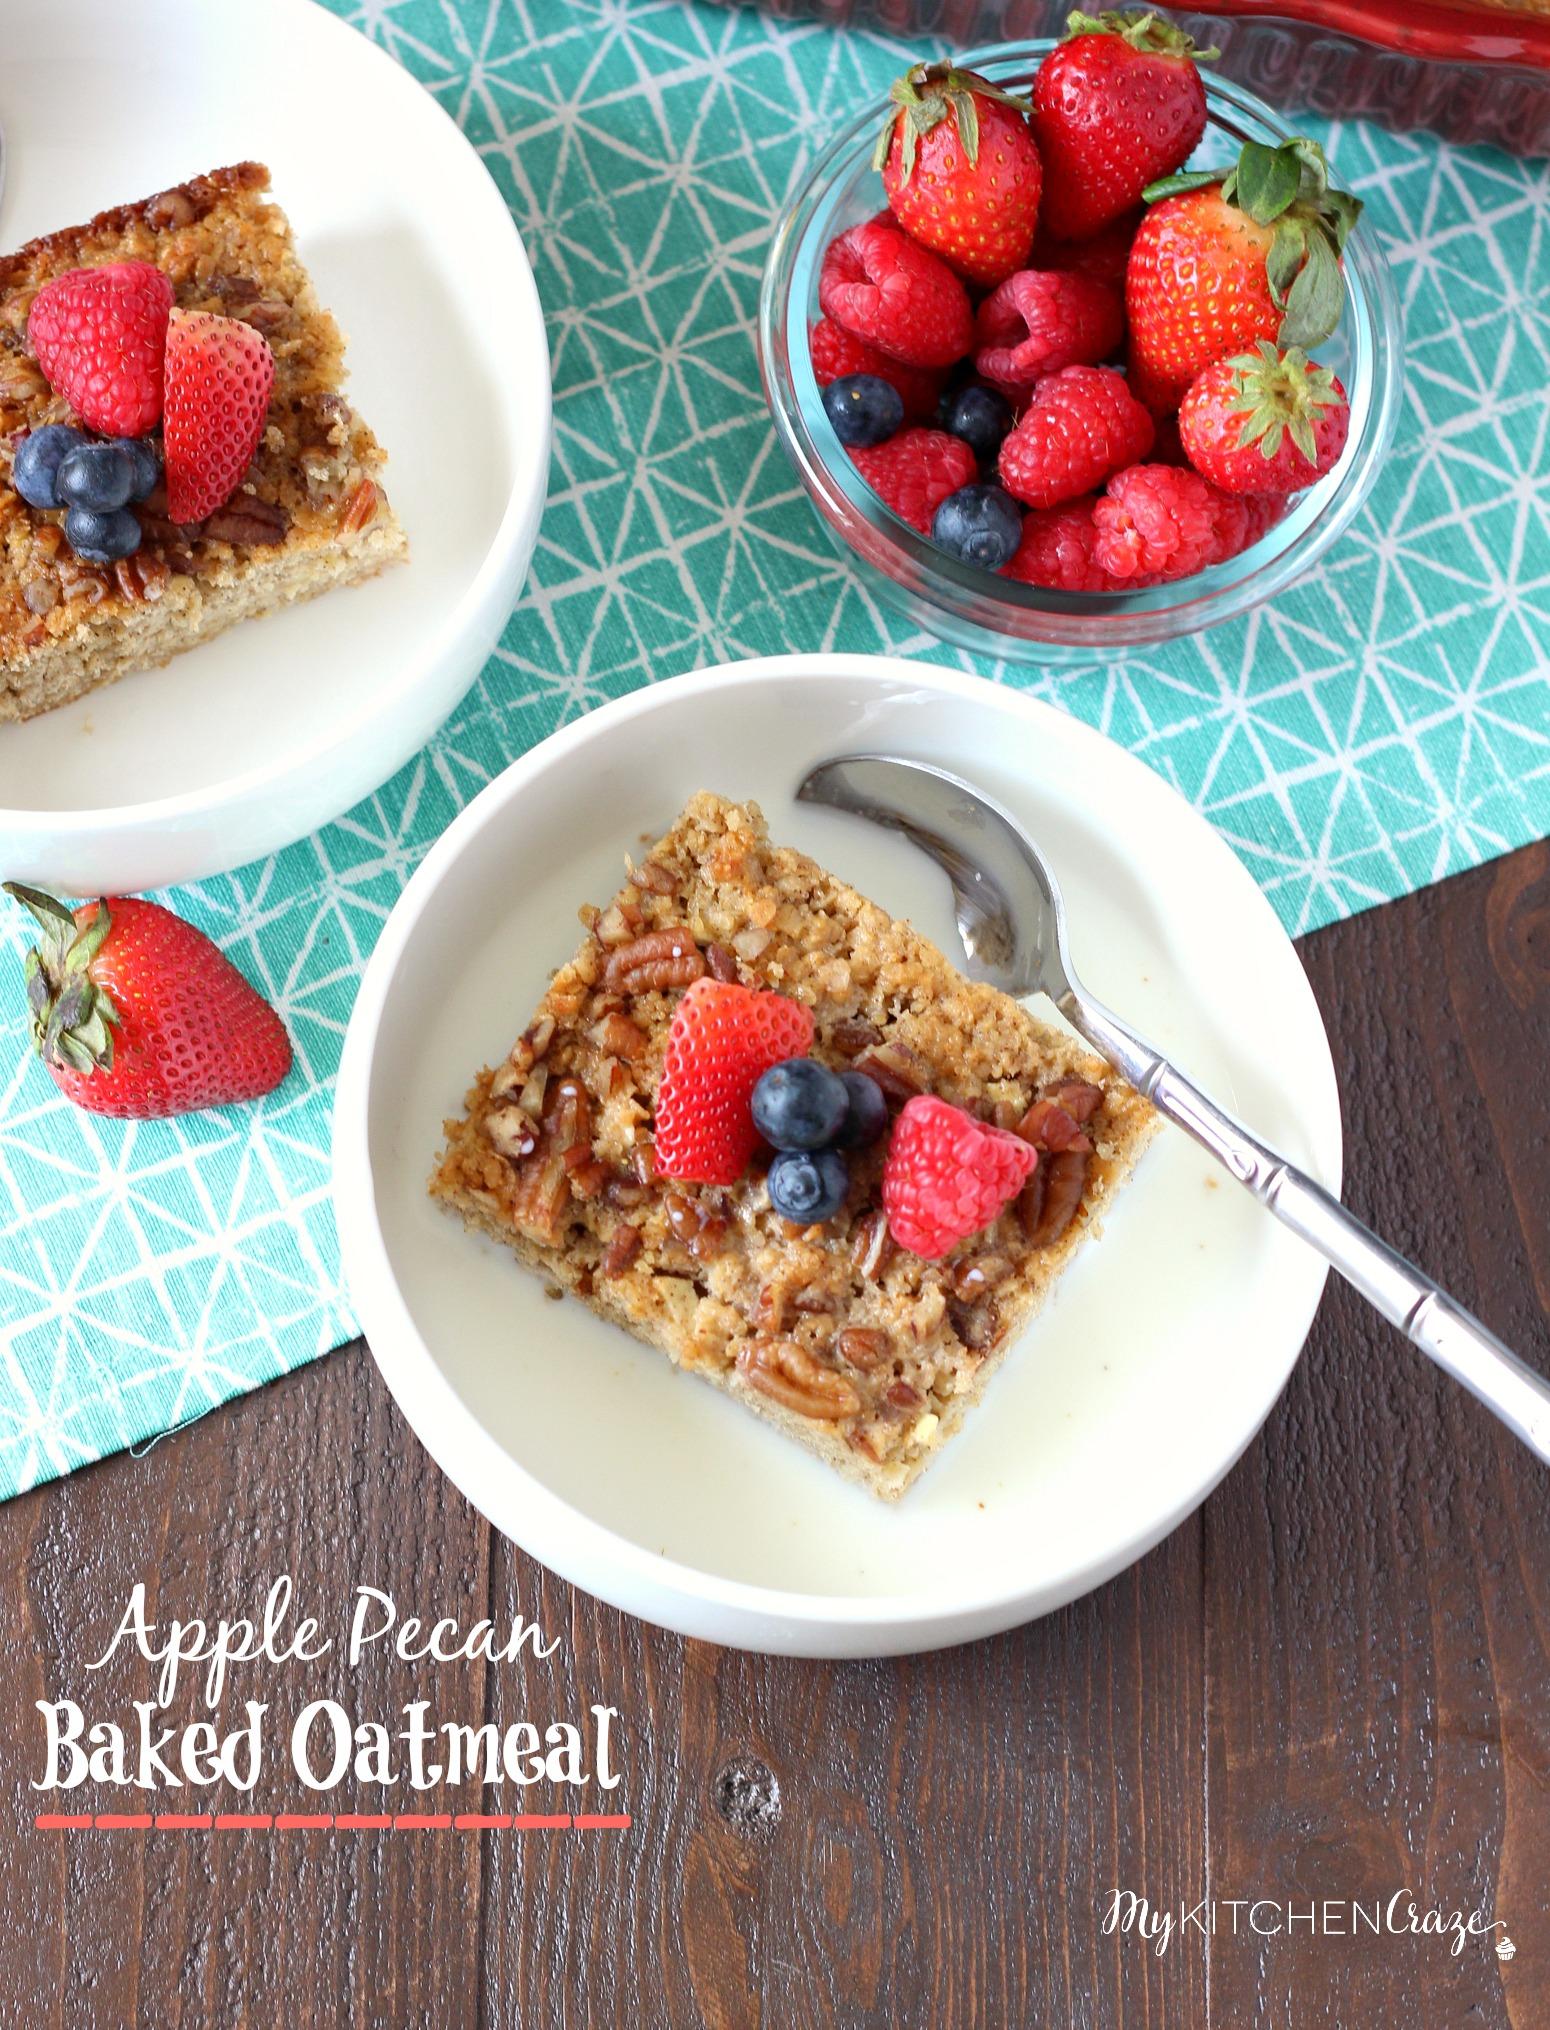 Apple Pecan Baked Oatmeal ~ mykitchencraze.com